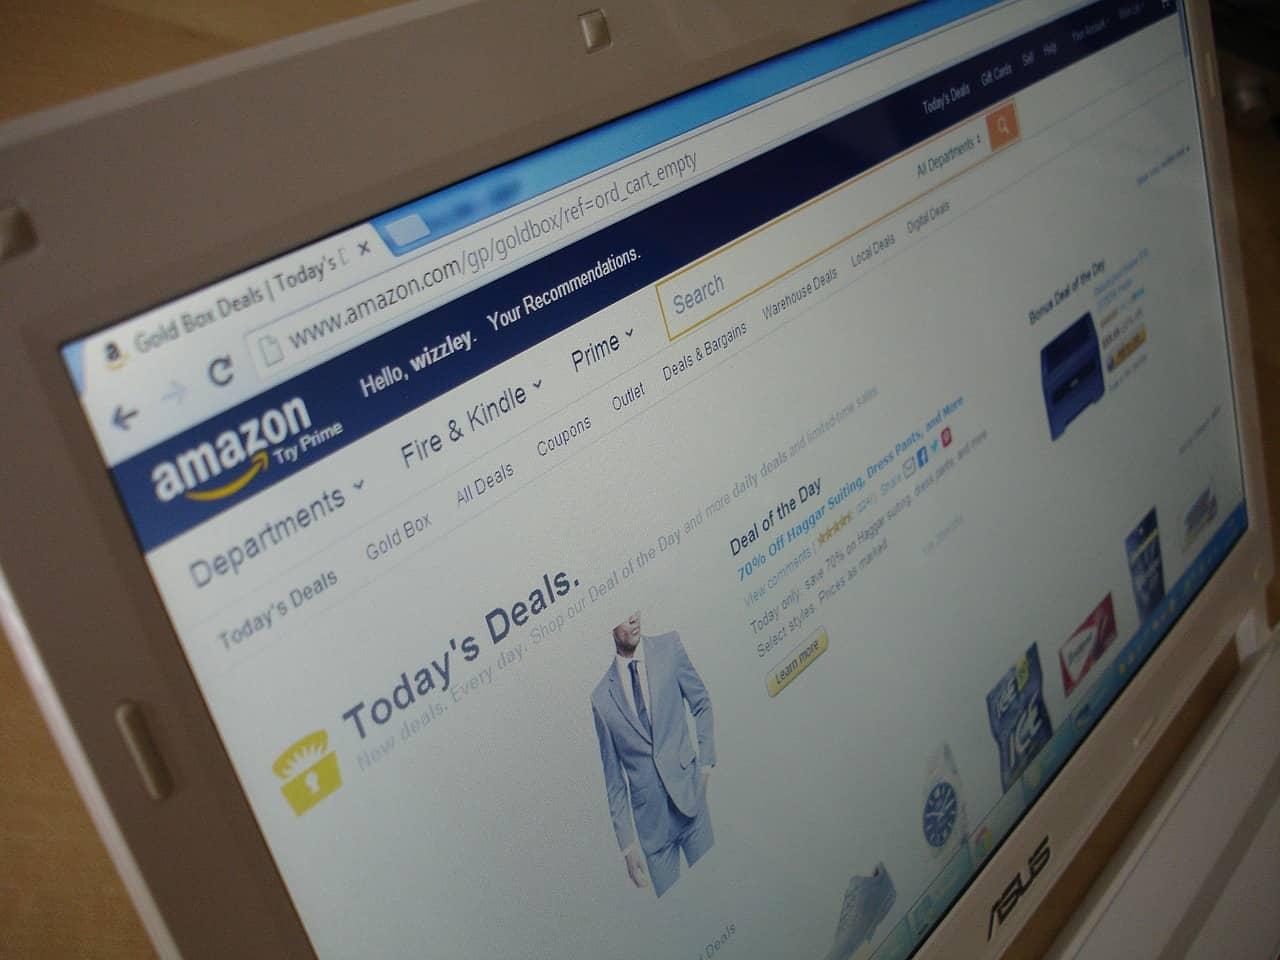 Amazon homepage on monitor